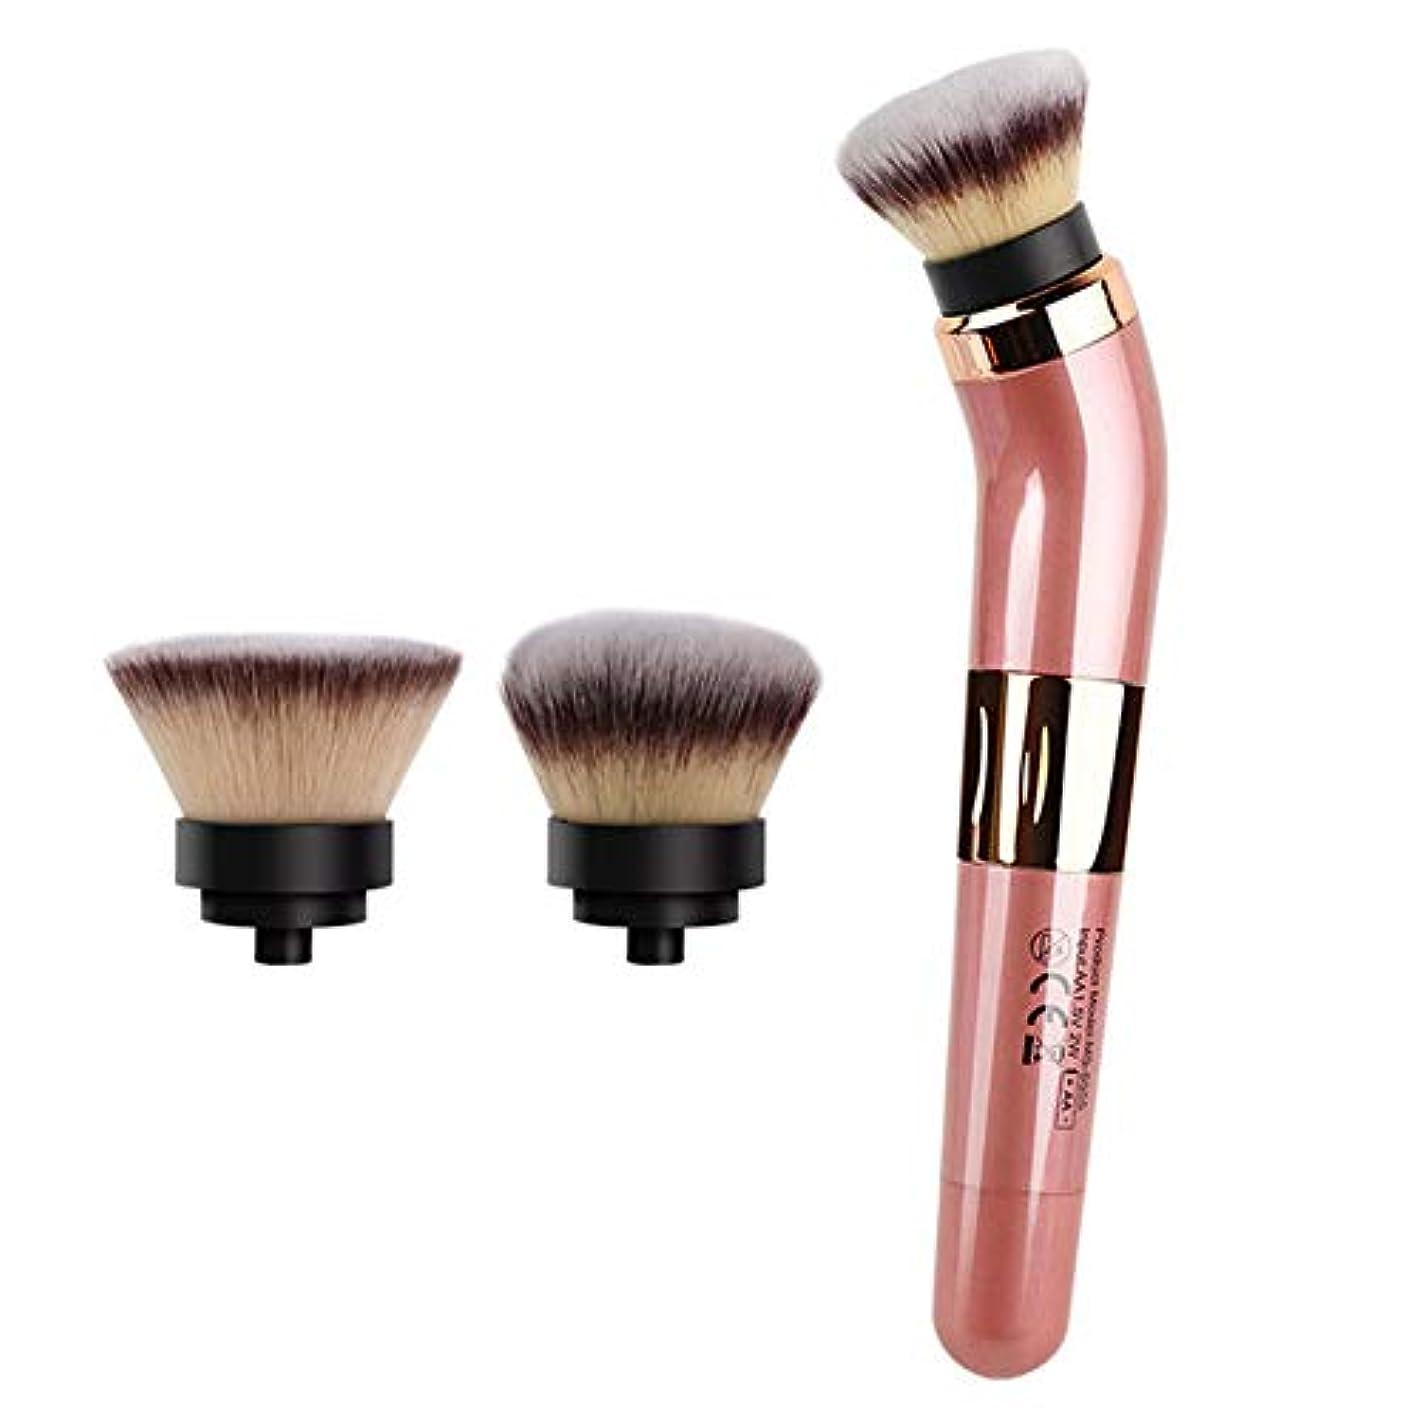 電動回転化粧ブラシセット、360°回転自動化粧ブラシ、ファンデーションおよびパウダーブラシ用の取り外し可能なヘッドホルダー、2つのブラシヘッドが含まれる(ピンク)